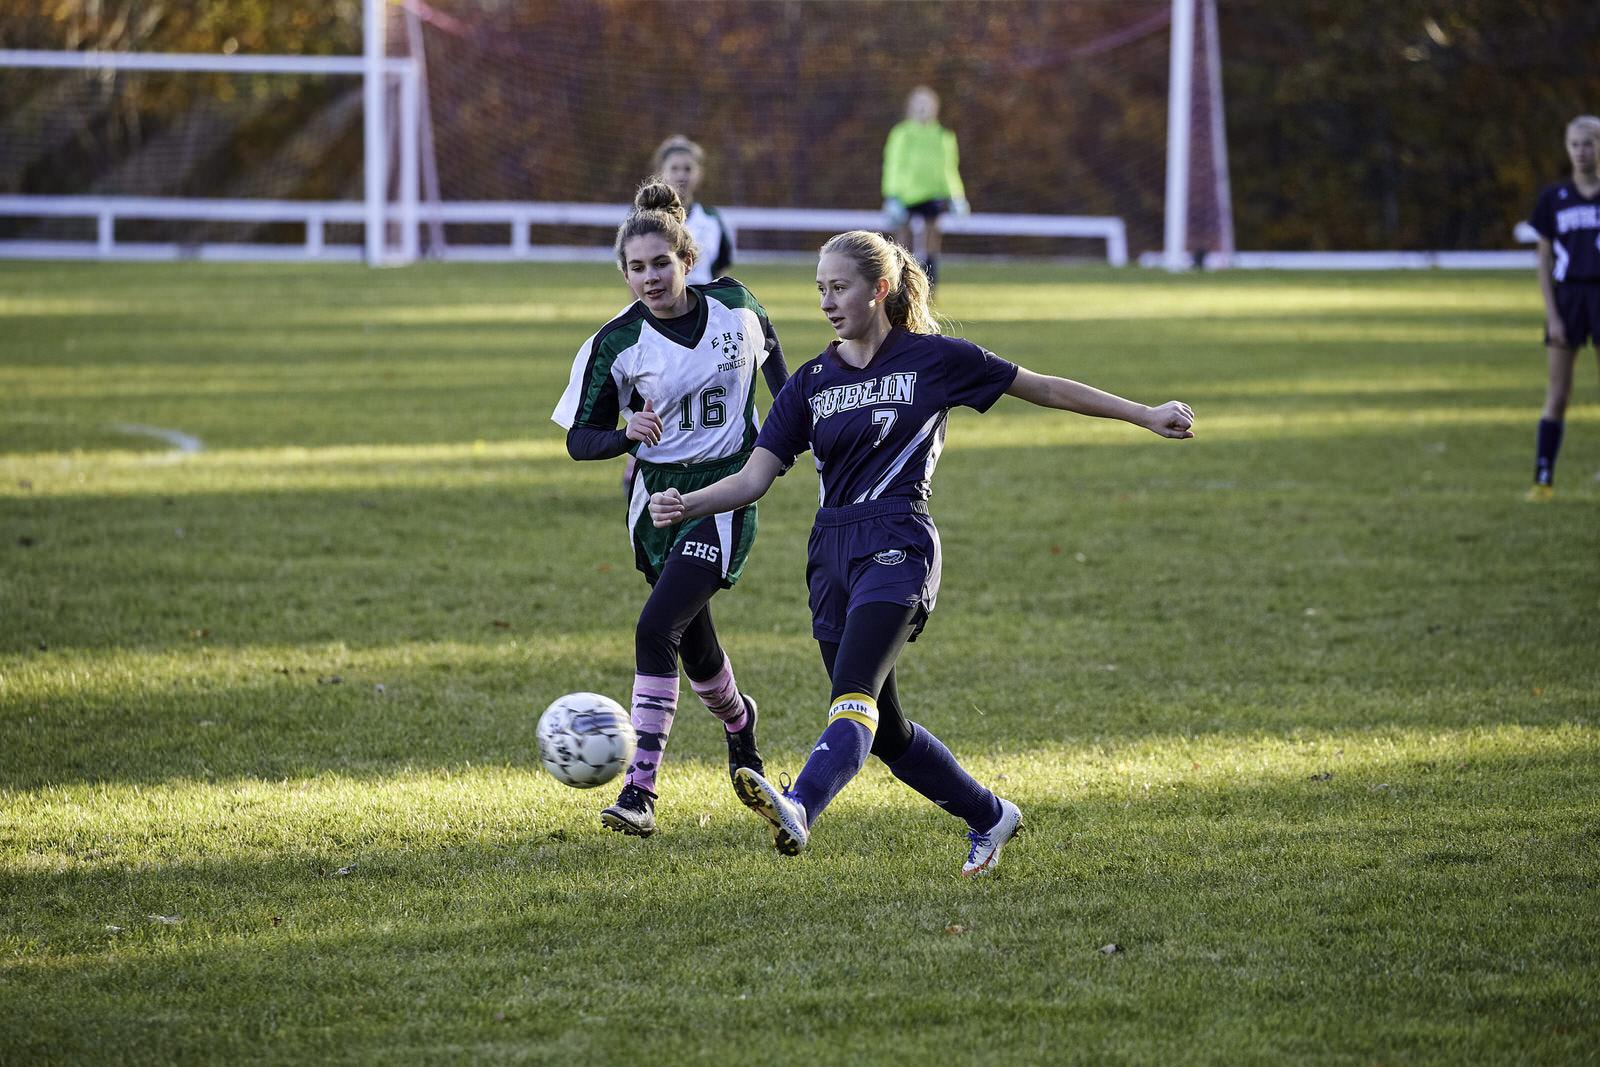 Girls Varsity Soccer vs. Eagle Hill School - October 30, 2018 138895.jpg